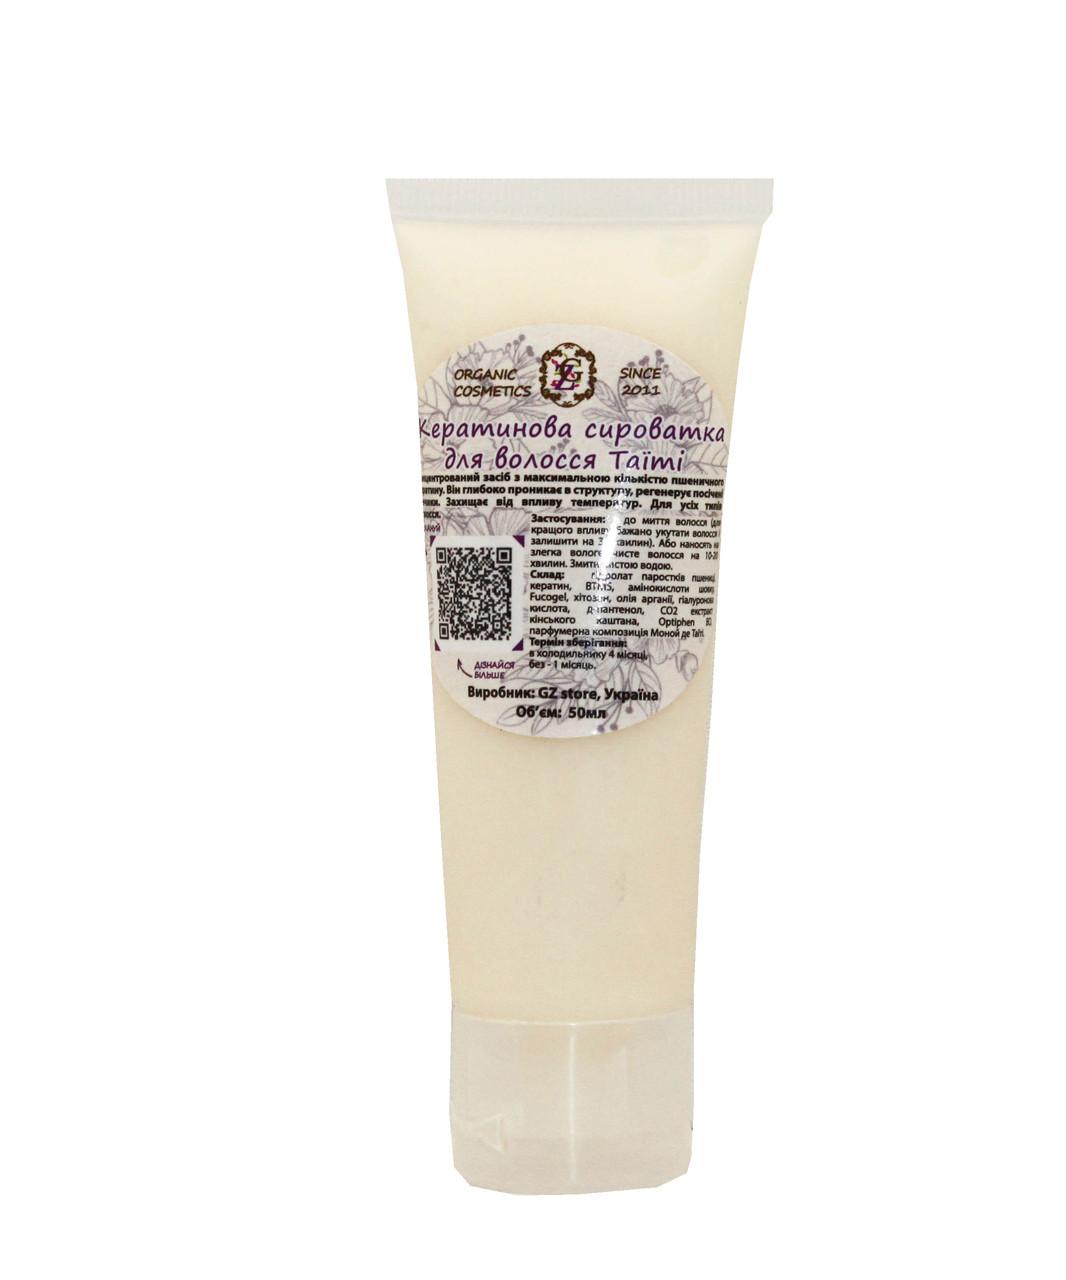 Кератиновая сыворотка для волос Таити 50мл